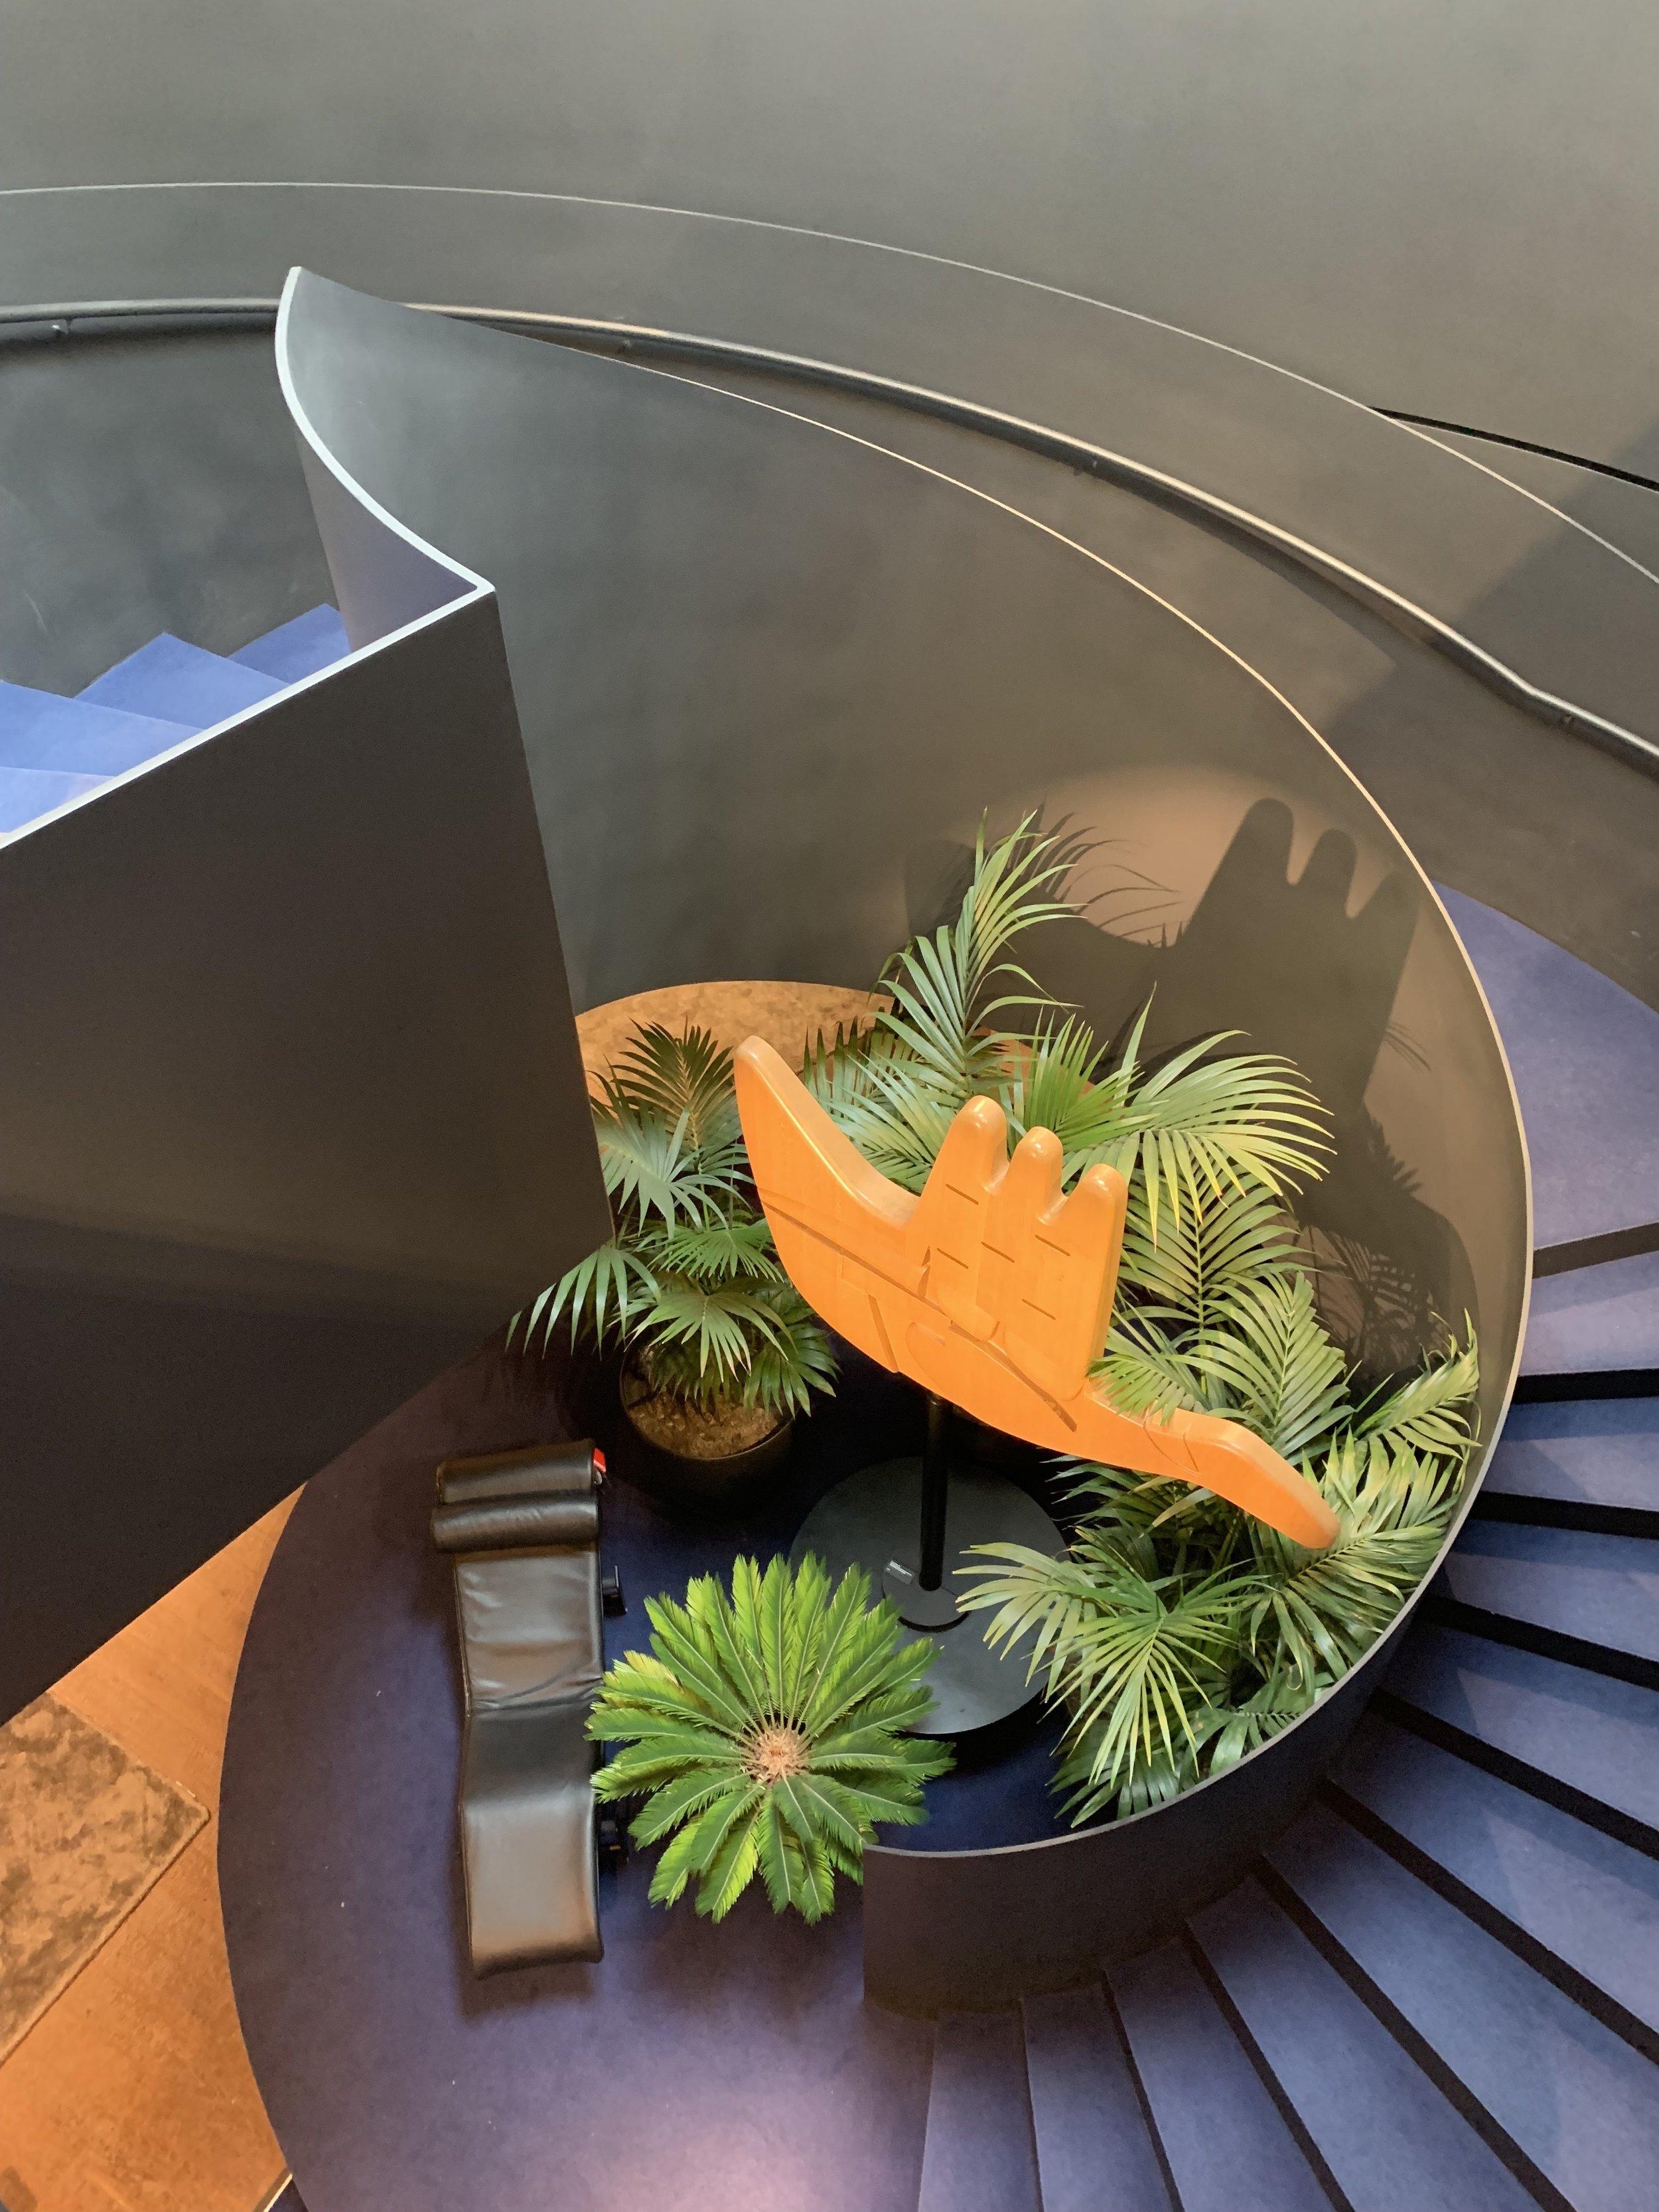 021 Salone del Mobile 2019 Lex de gooijer interiors rotterdam.JPG